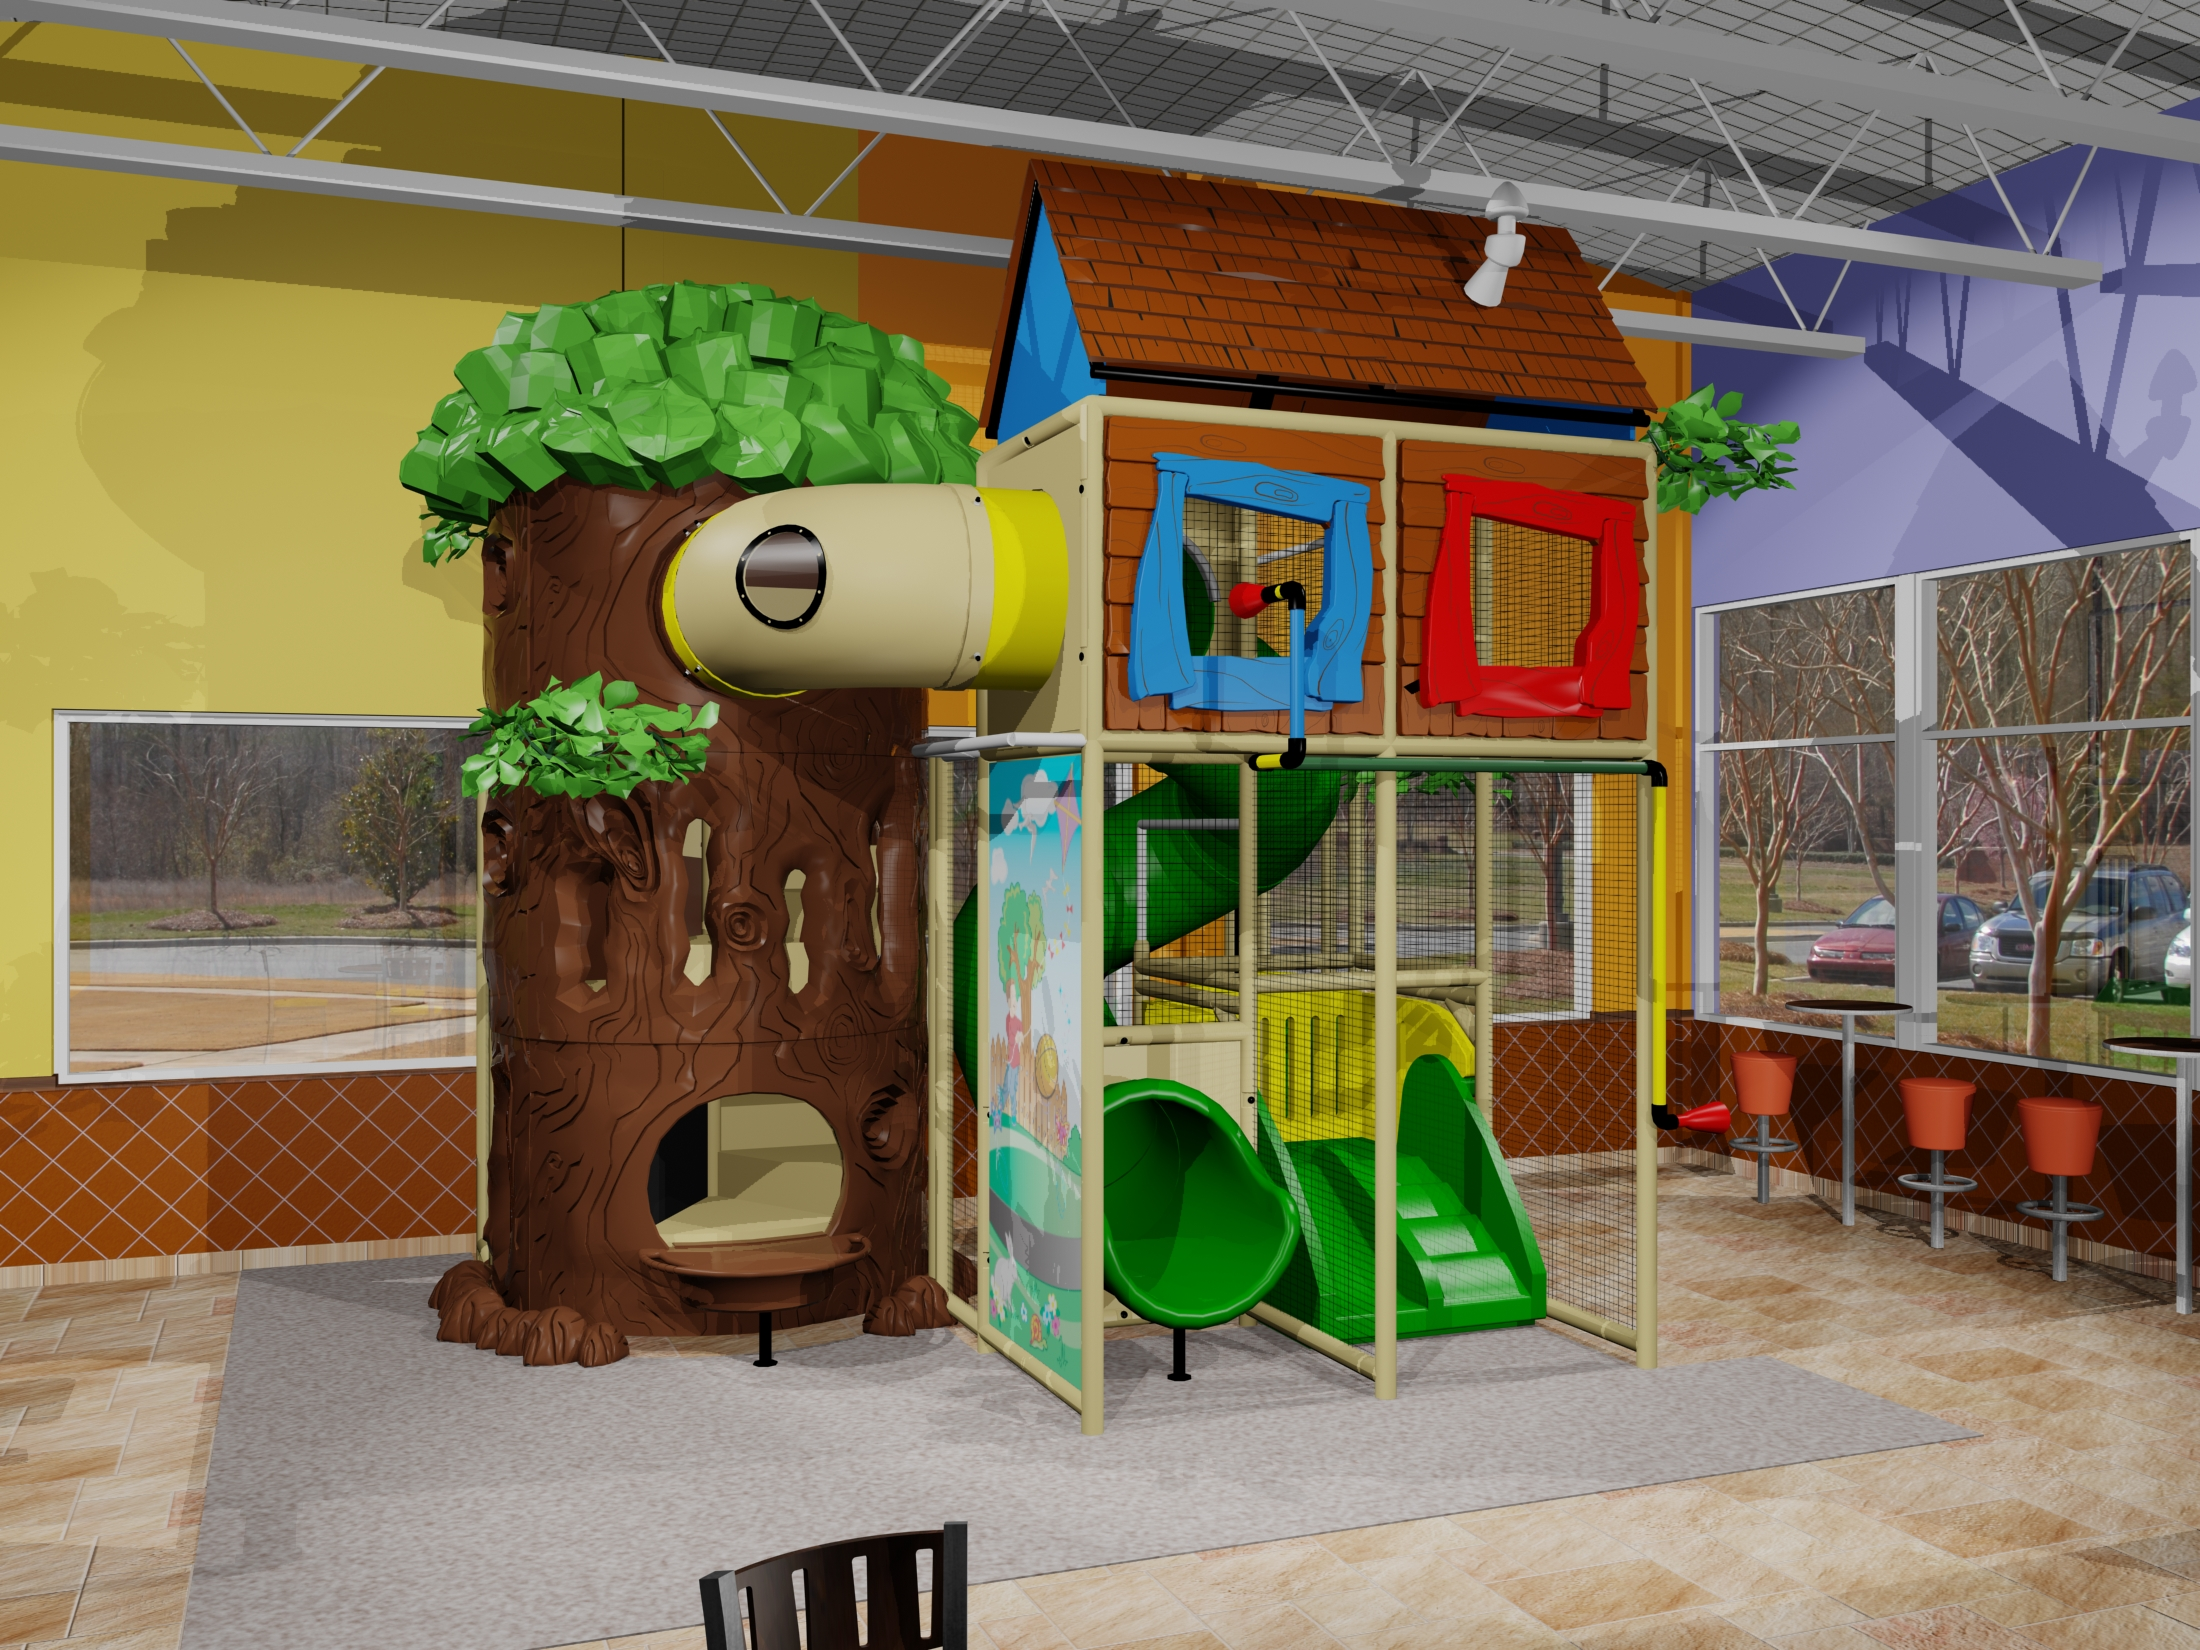 Comprar brinquedos para buffet infantil Playgrounds e brinquedos  #2C7B1C 2200x1650